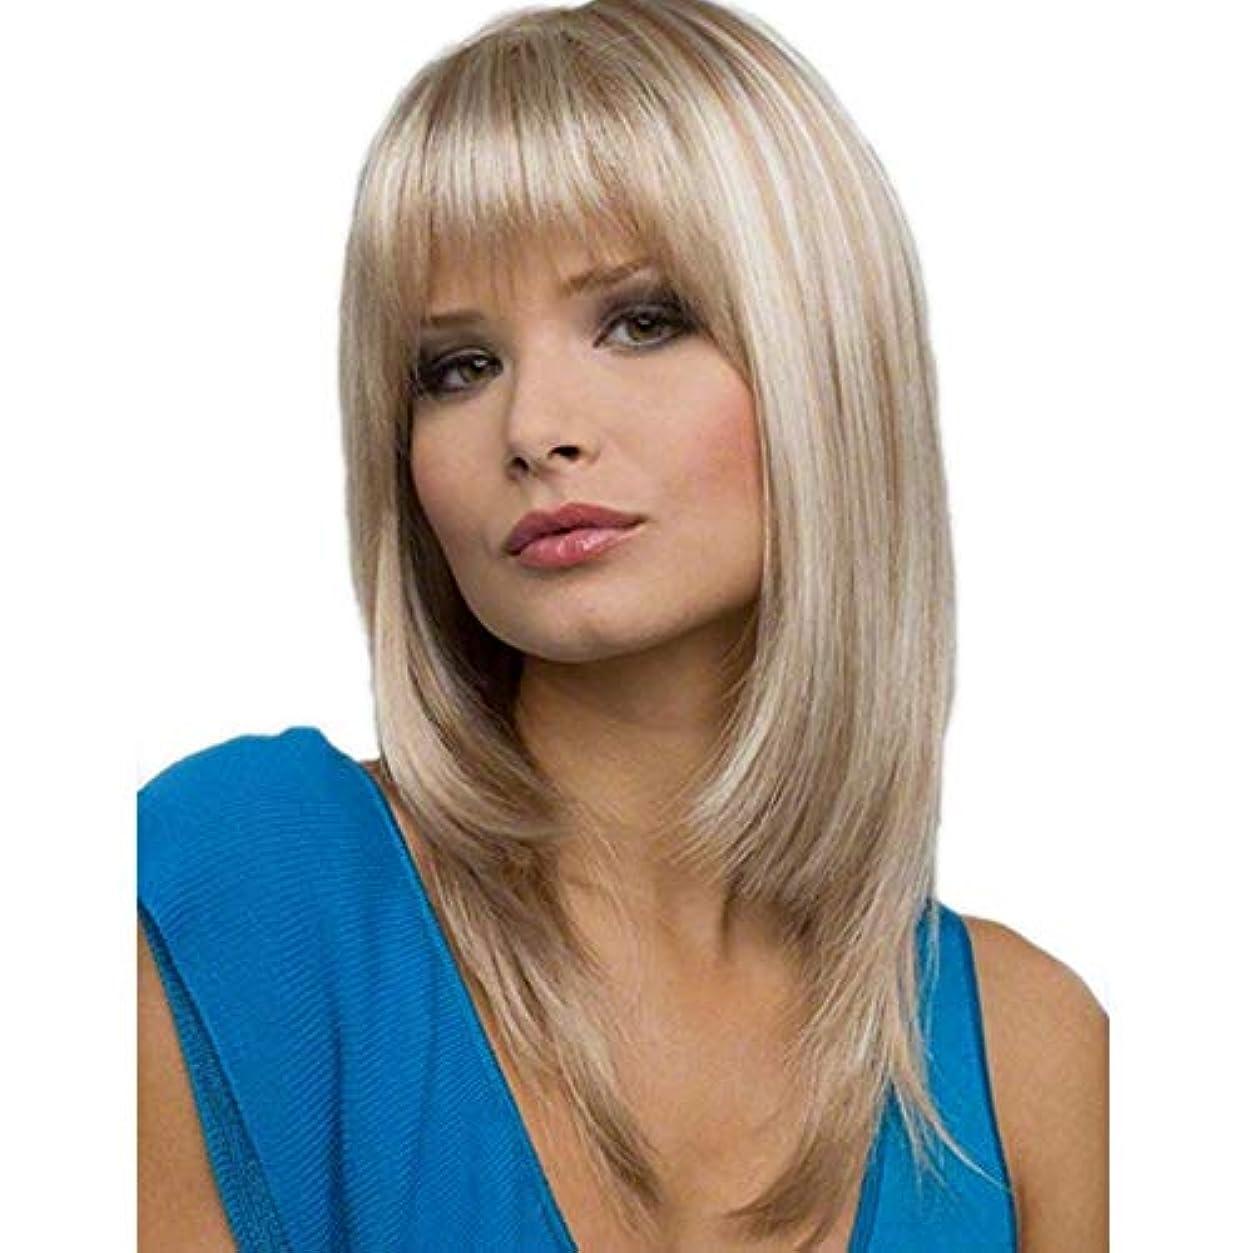 匹敵します結婚した縁石WASAIO ブロンドの髪のトレンド - ショートストレートヘア (色 : Blonde)